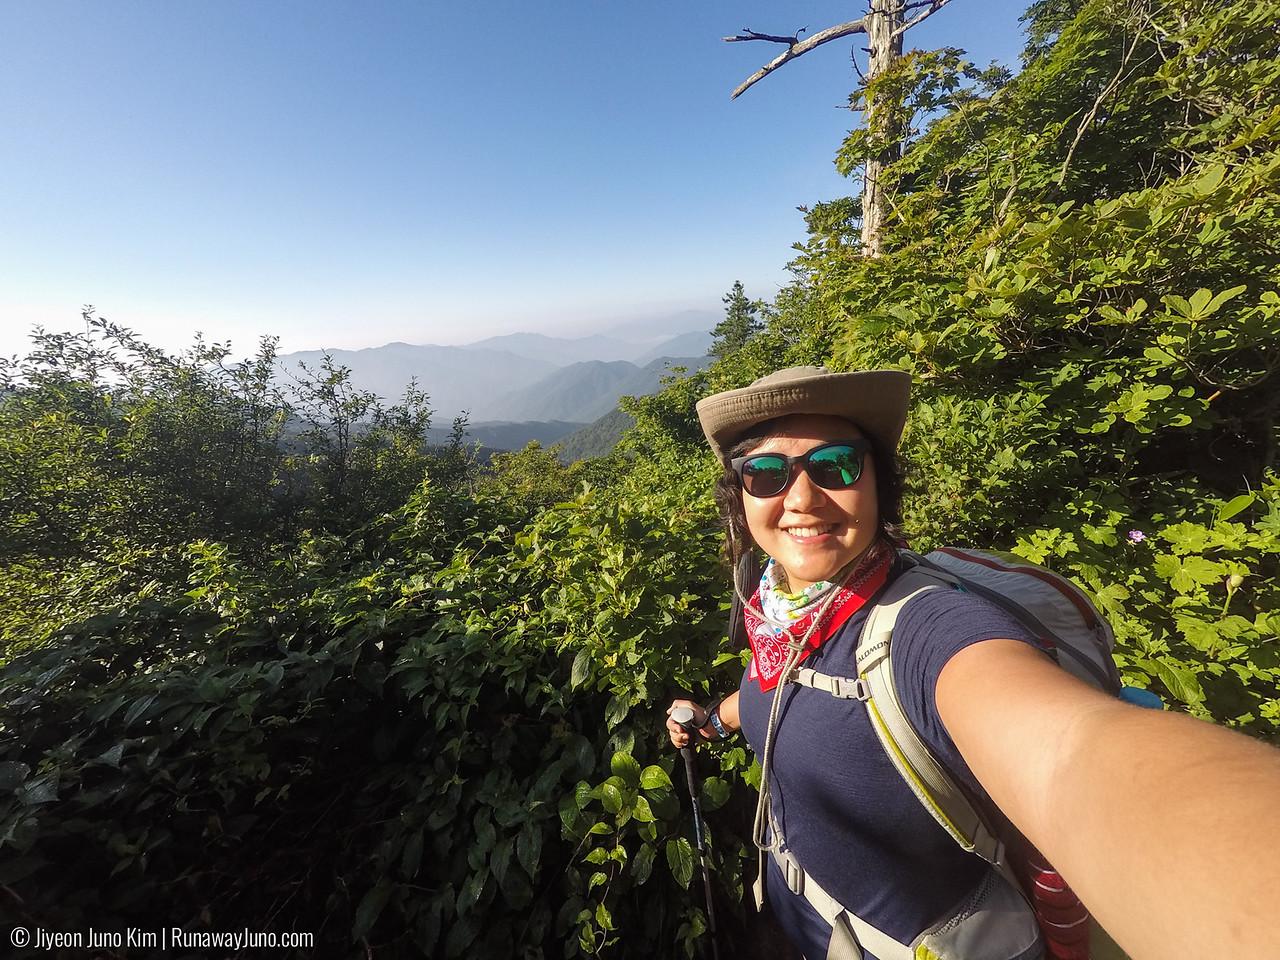 Hiking in Jirisan